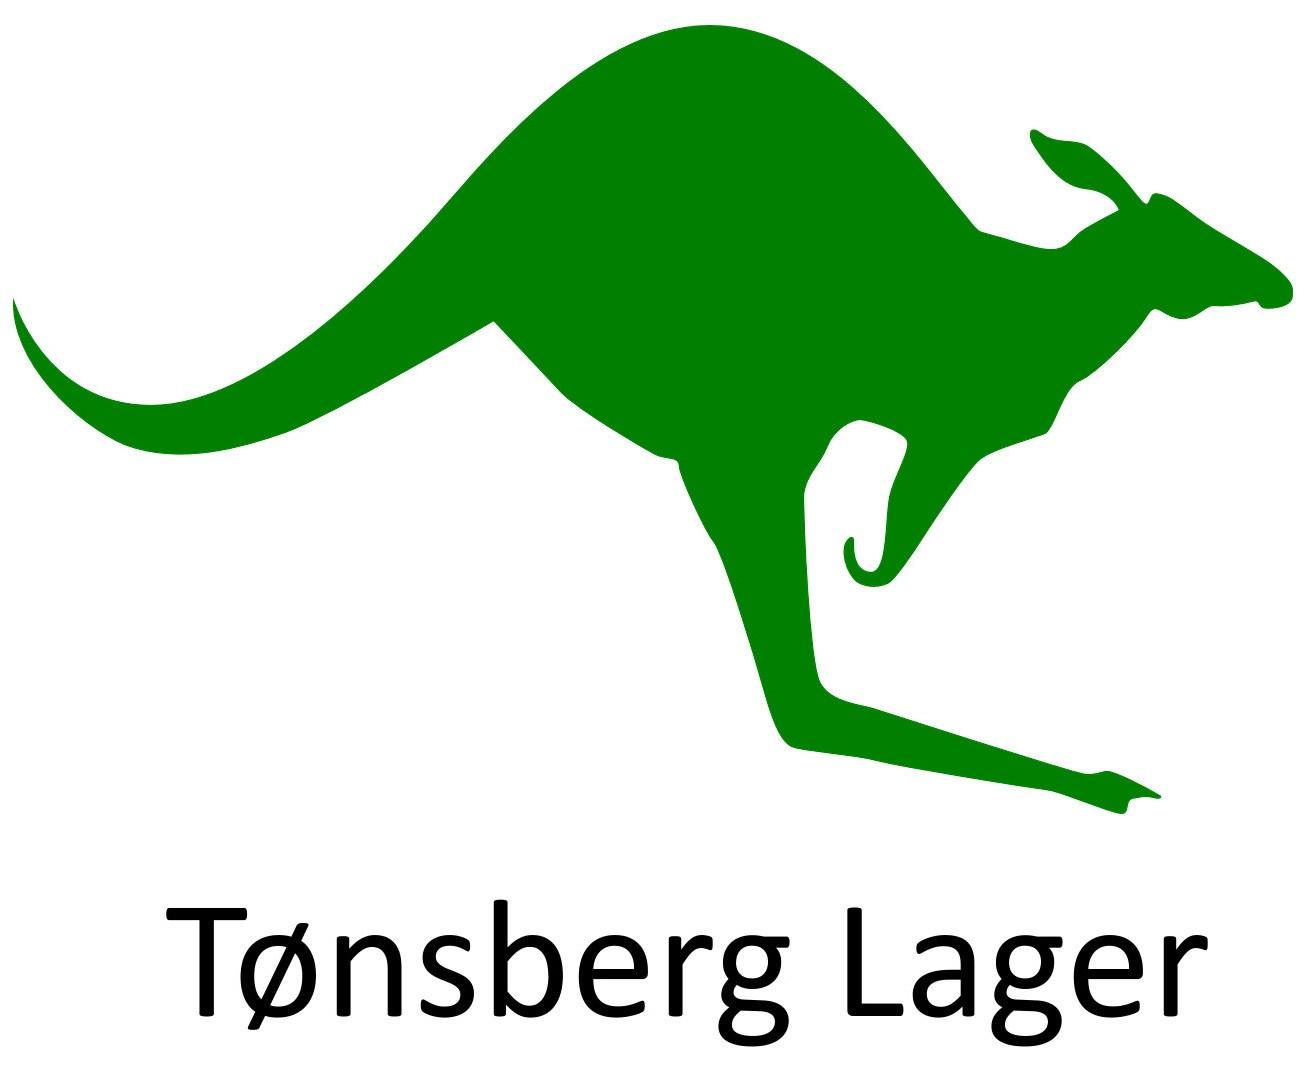 Tønsberg Lager